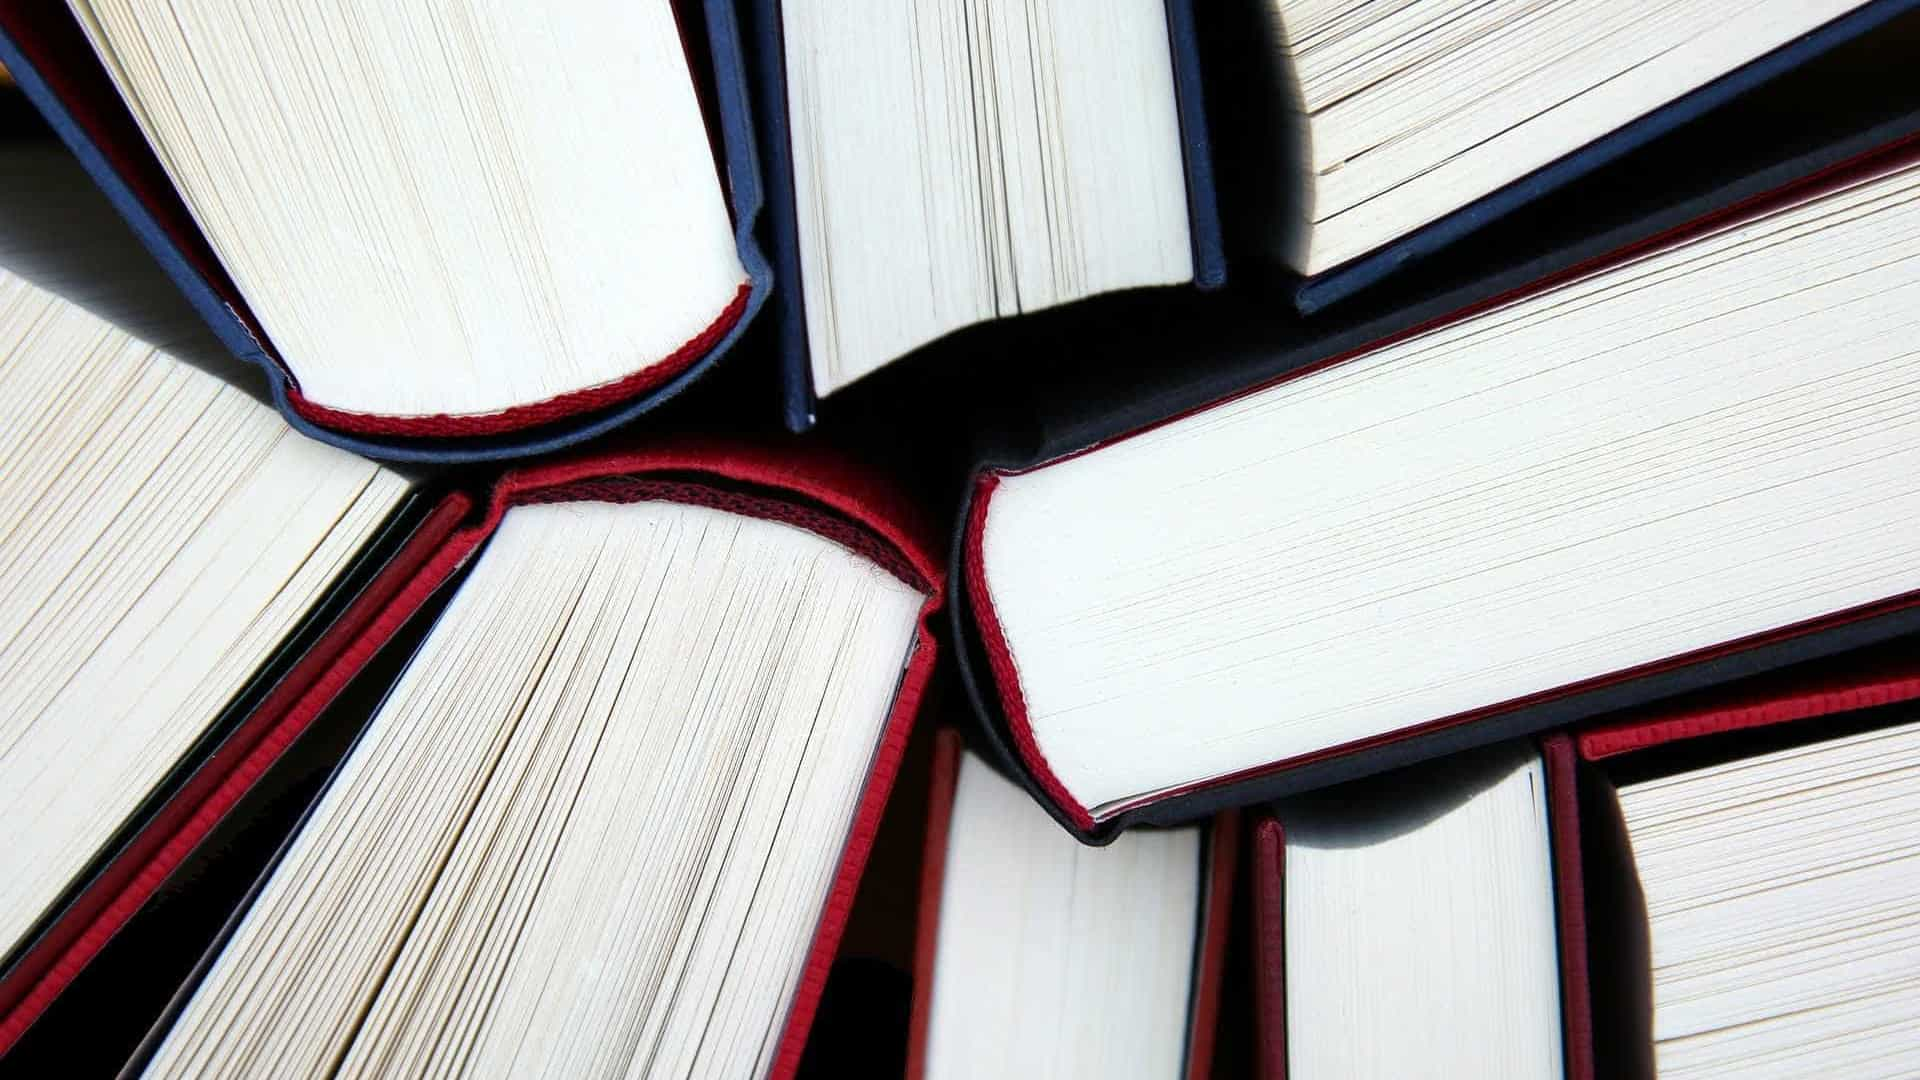 Livro 'A Diocese de Lamego em Três Histórias' é apresentada em junho